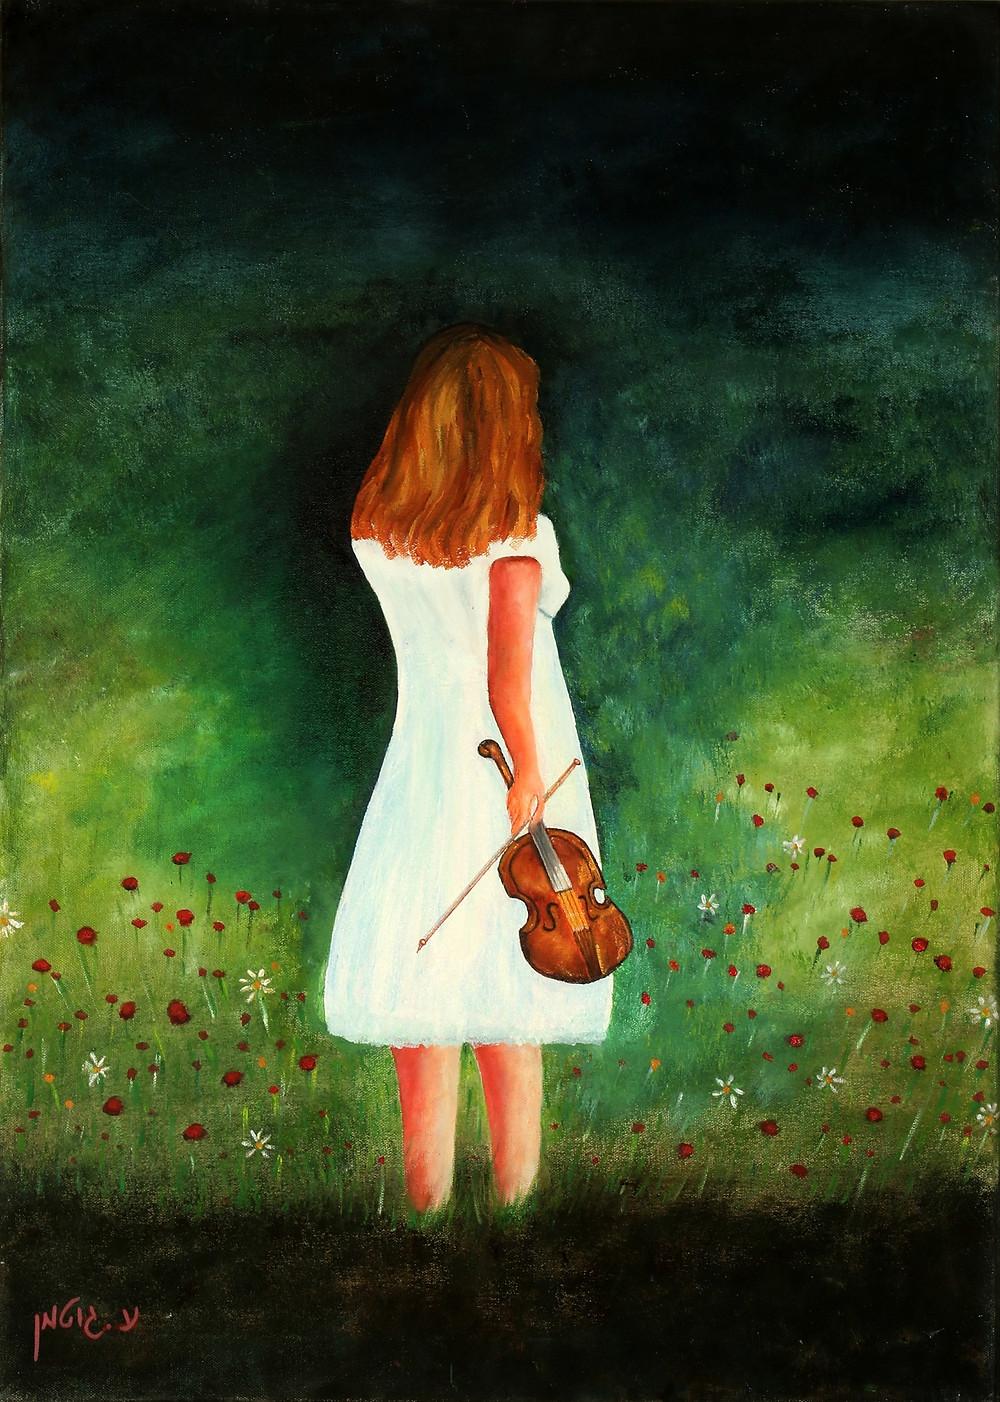 ציור של עליזה גוטמן נערה וכינור.